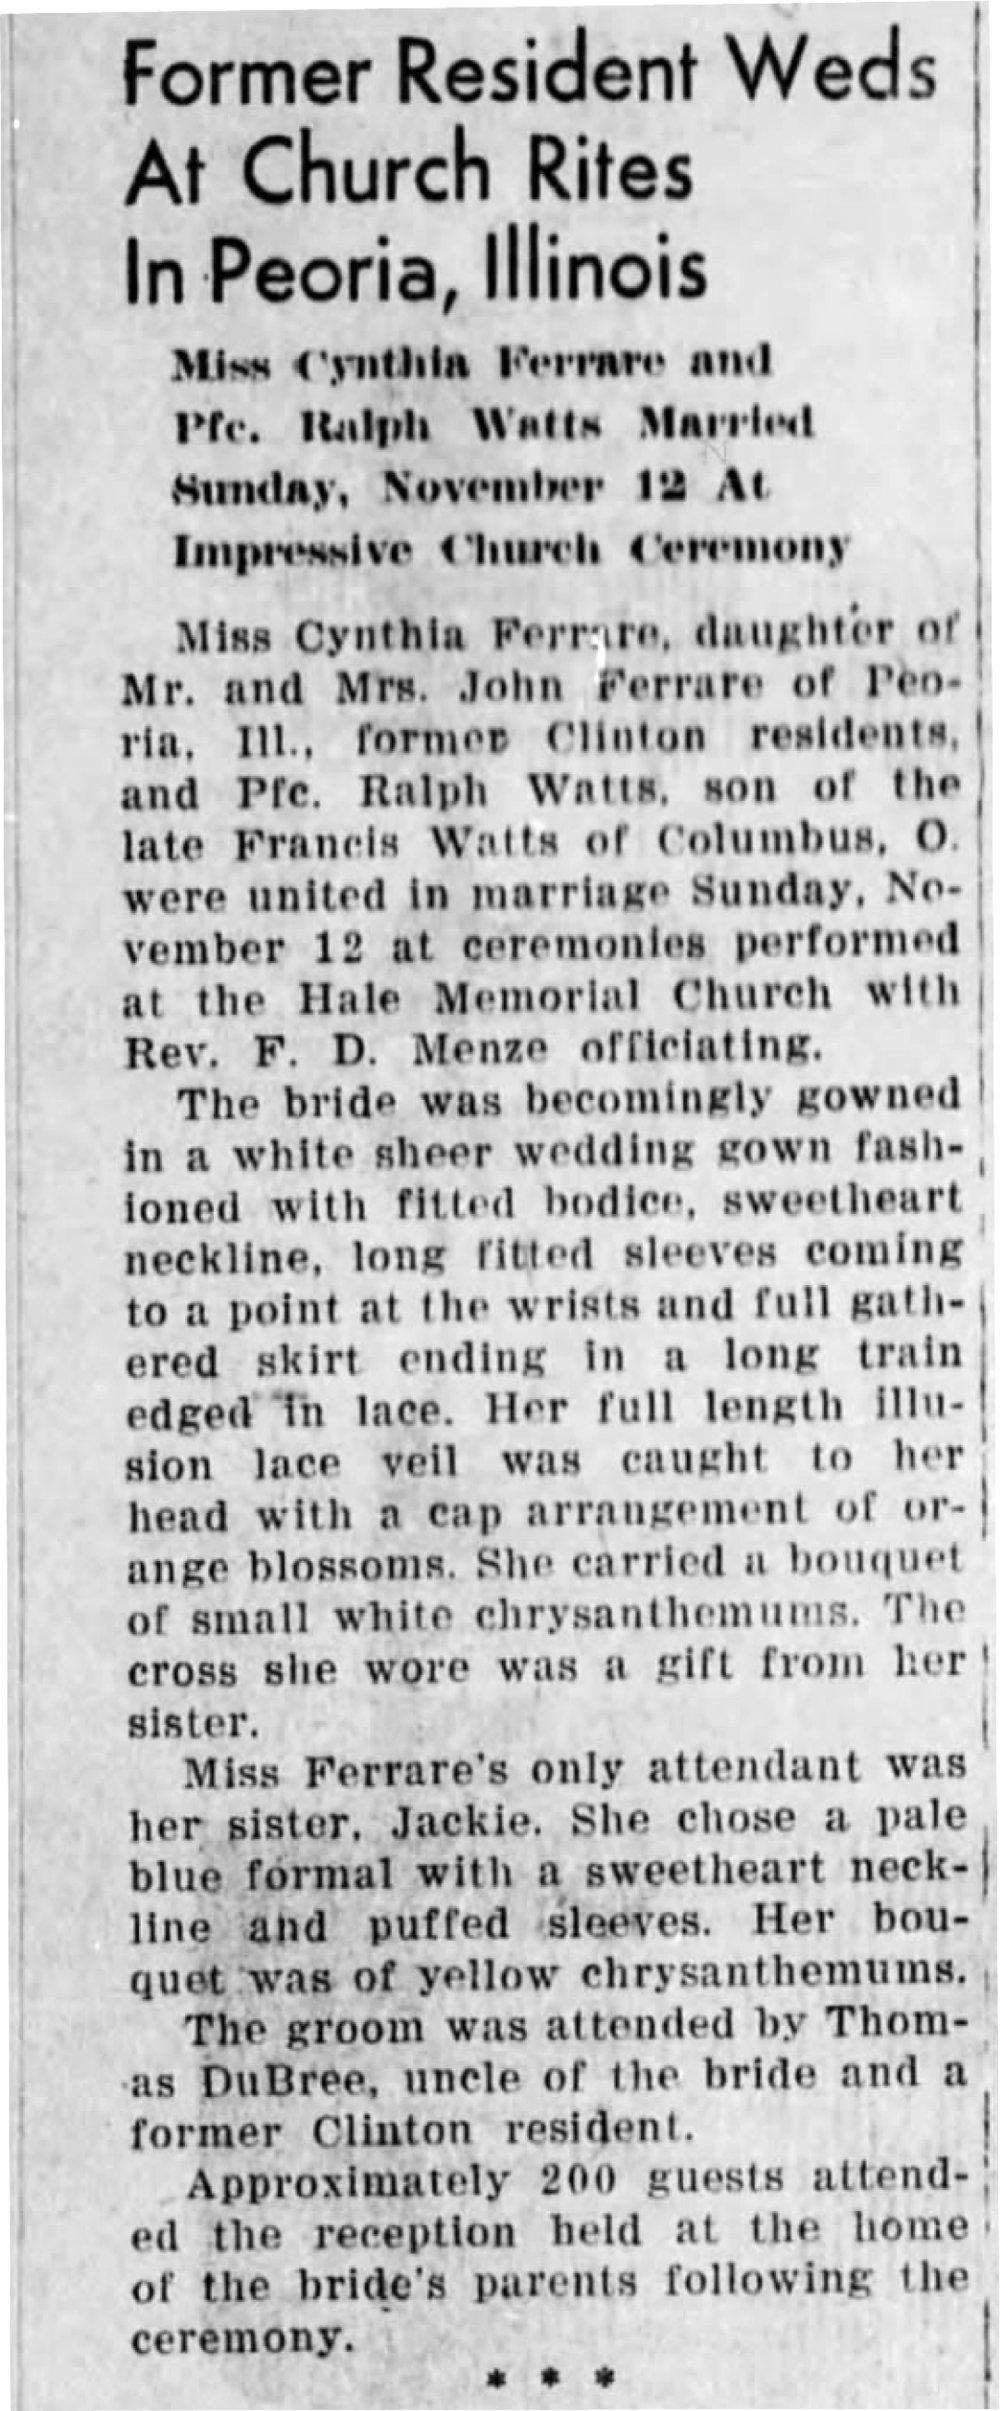 The Daily Clintonian (Clinton, Indiana) Jan 3, 1945